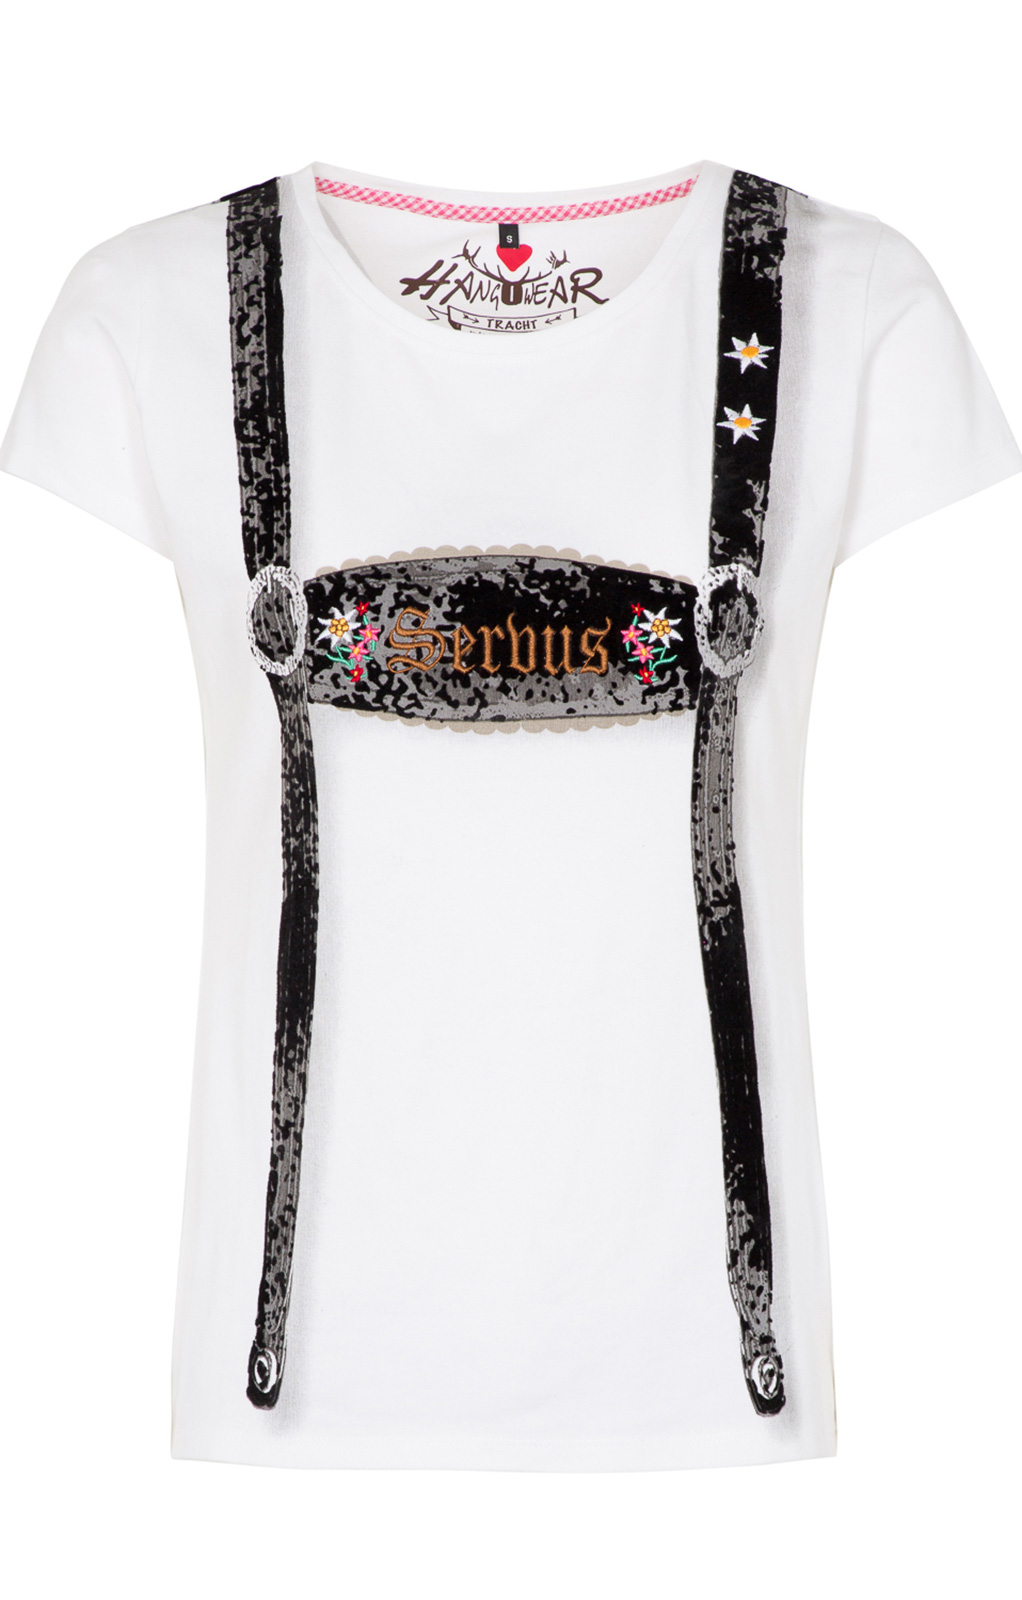 weitere Bilder von Kostuums T-shirt RICHARDA wit